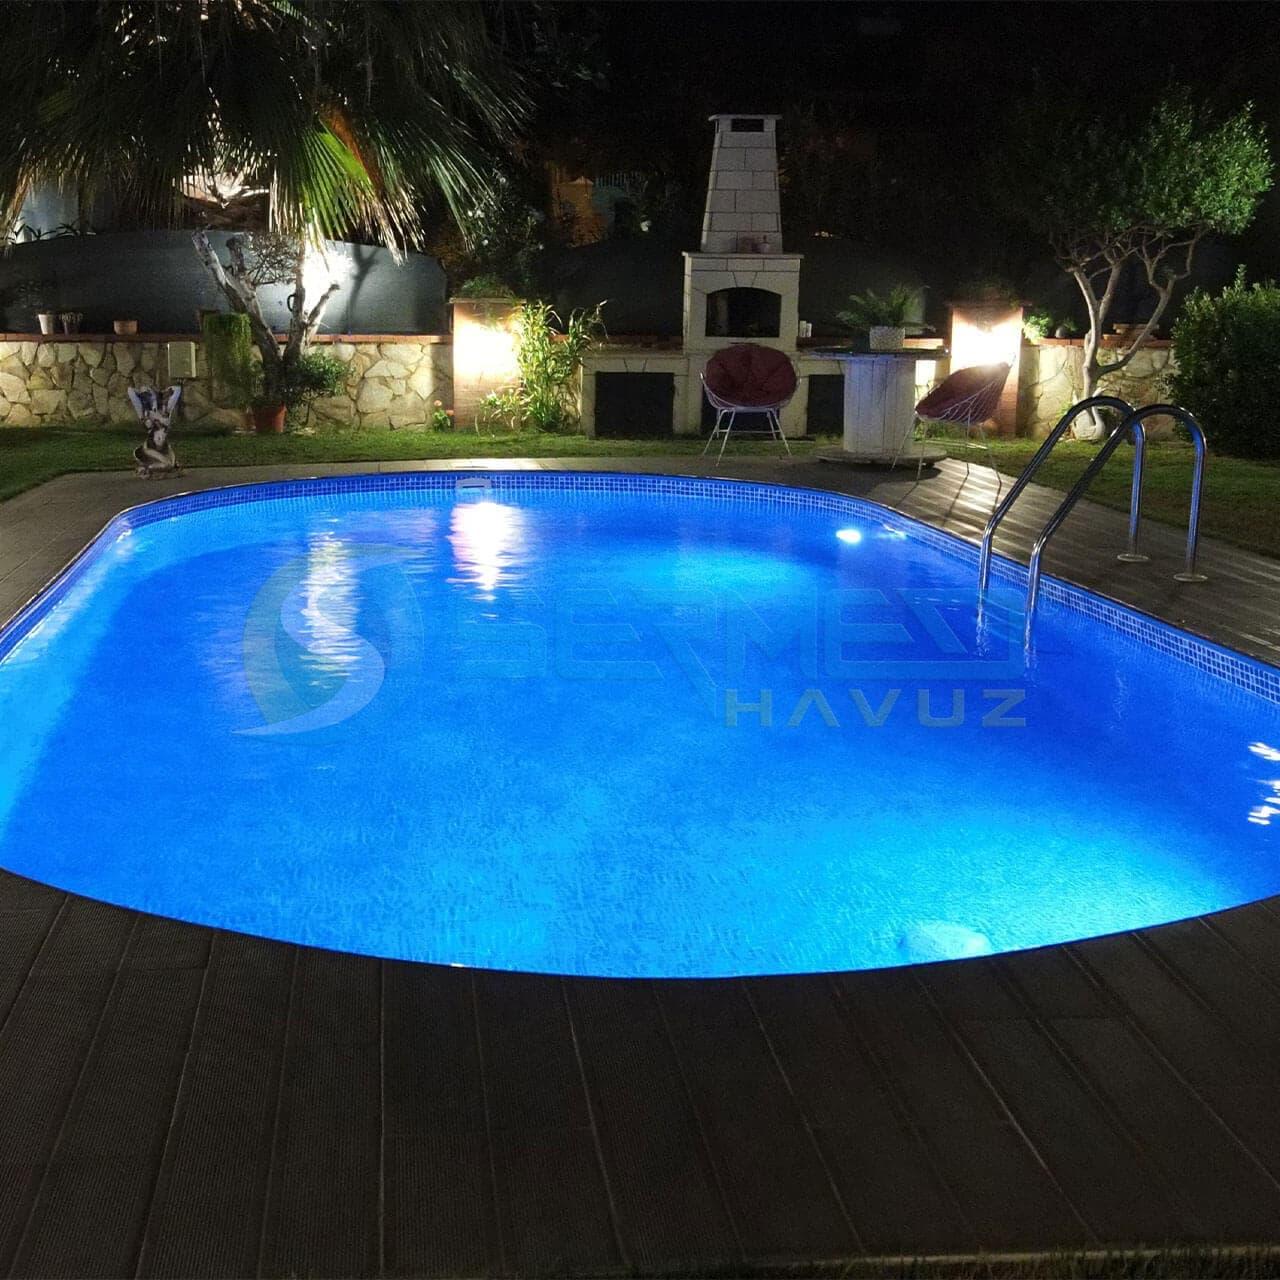 İzmir Hakan Bey Maldiv Skimmerli Prefabrik Havuz Sermed Havuz Firması tarafından yapıldı.